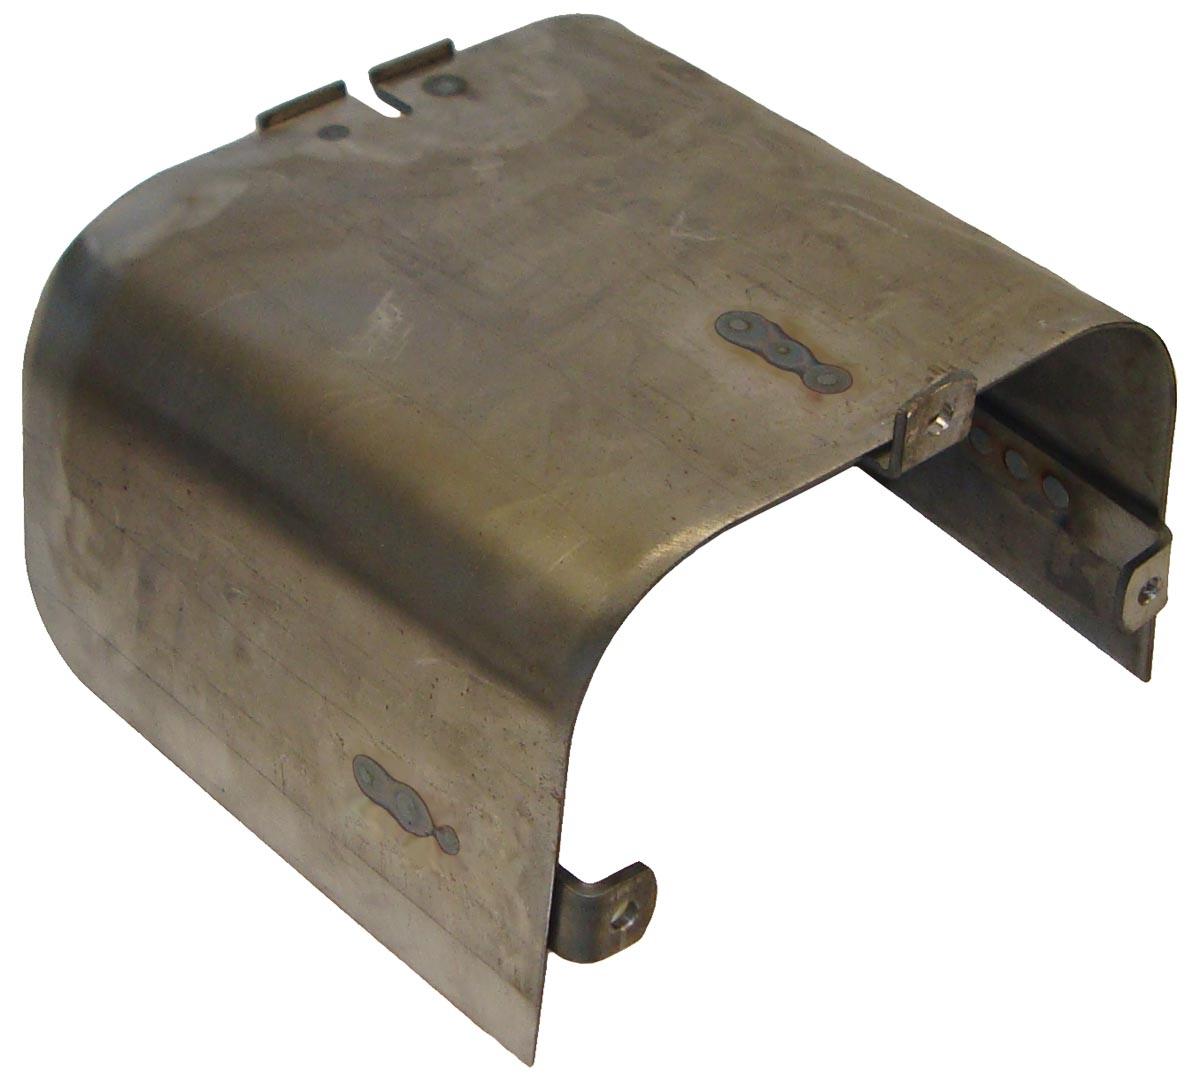 Case Ih Pto Parts : Pto shield case ih parts tractor